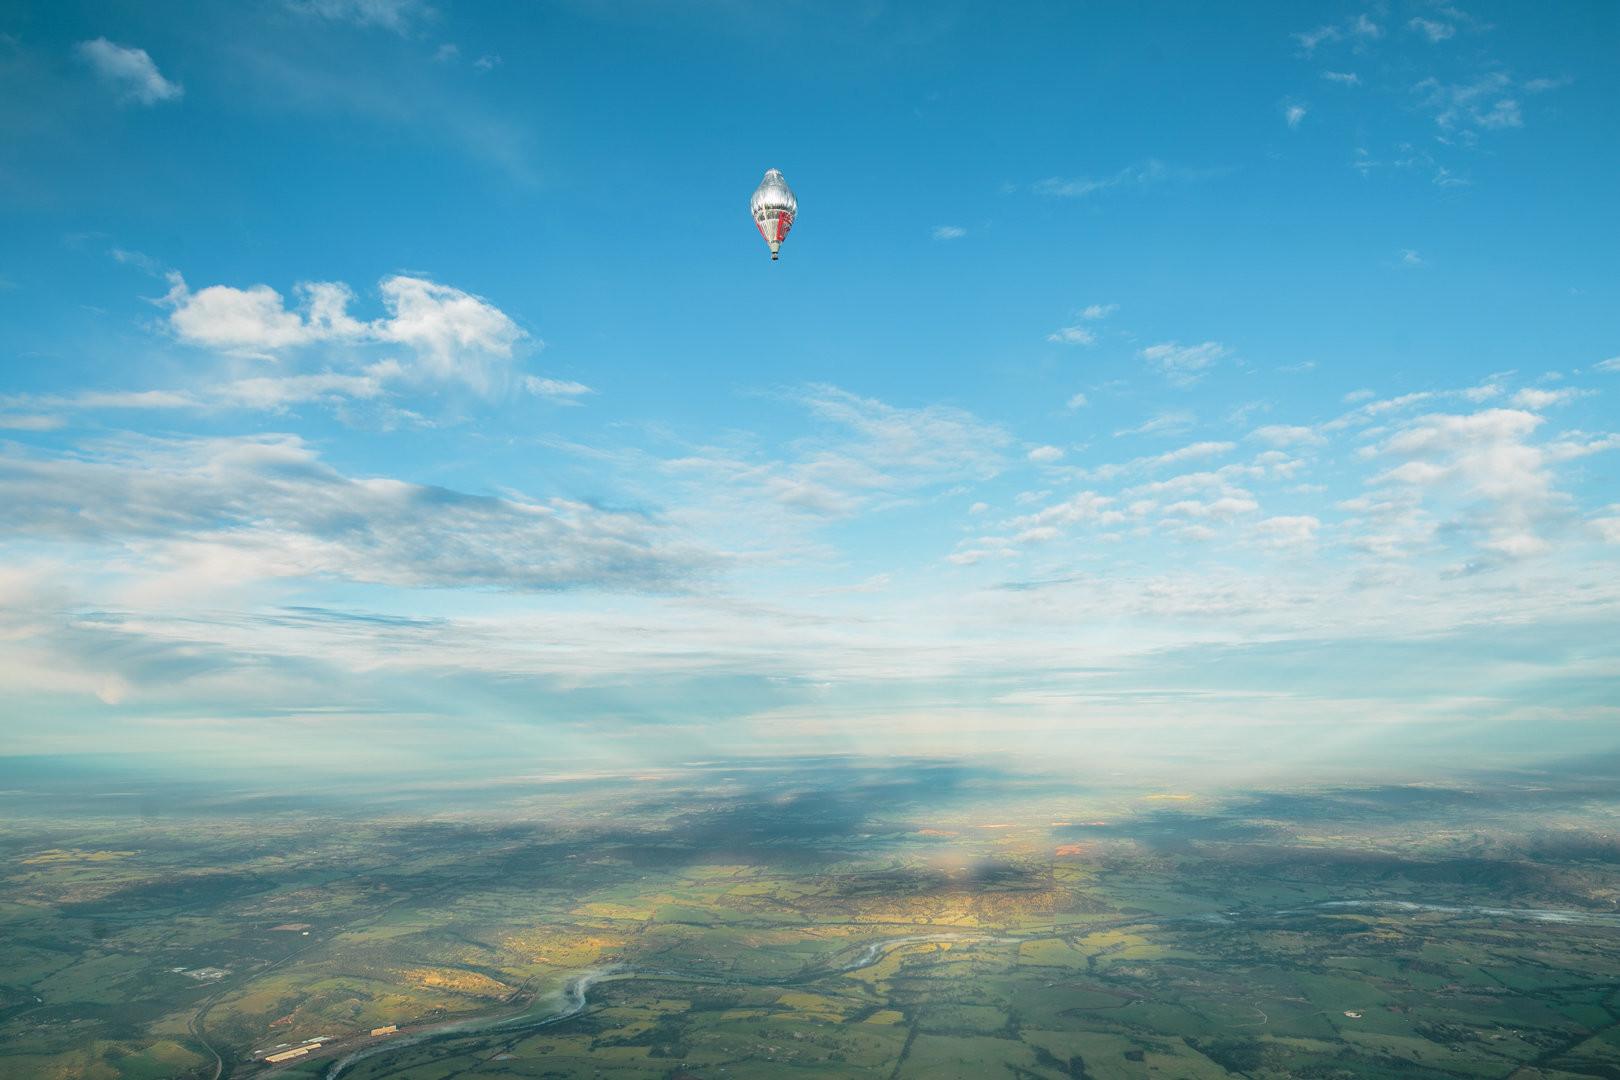 Наконец-то распогодилось. Фёдор Конюхов после долгого ожидания всё-таки отправился в кругосветное путешествие на воздушном шаре